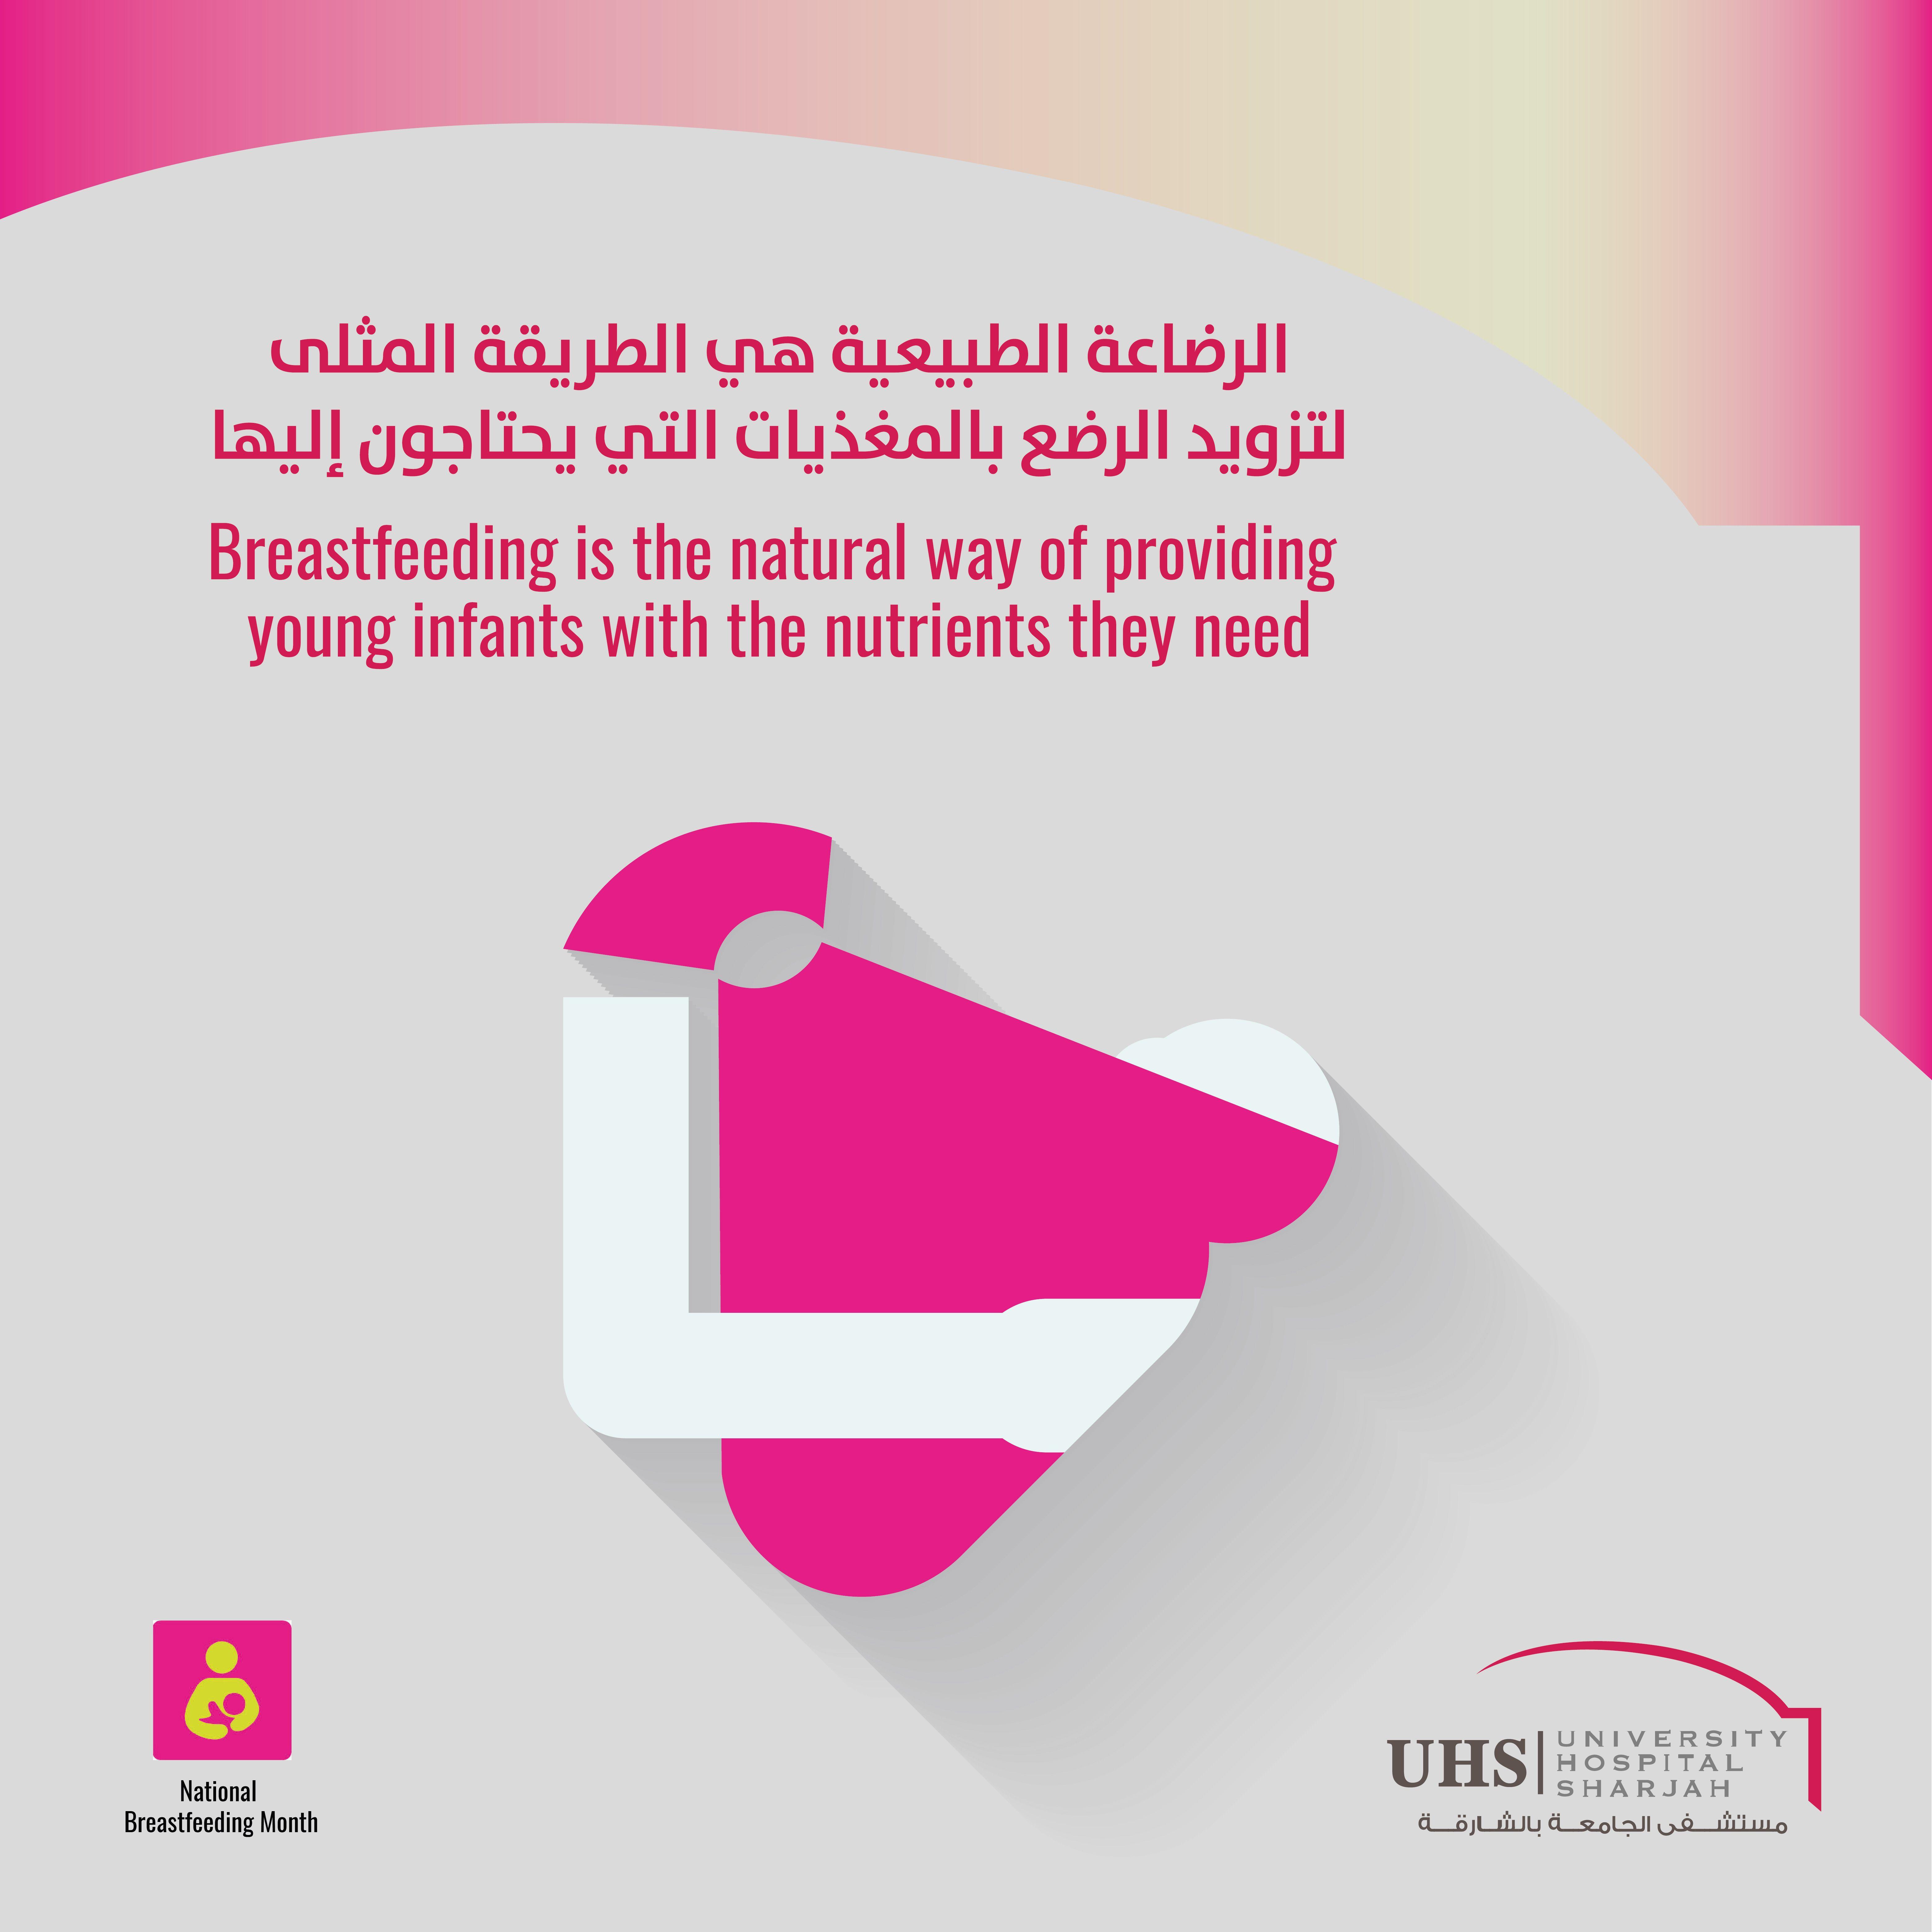 الرضاعة الطبيعية هي الطريقة الم ثلى لتزويد الرضع بالتغذية التي يحتاجون إليها من أجل نمو وتط Breastfeeding Awareness Month Breastfeeding Awareness Breastfeeding